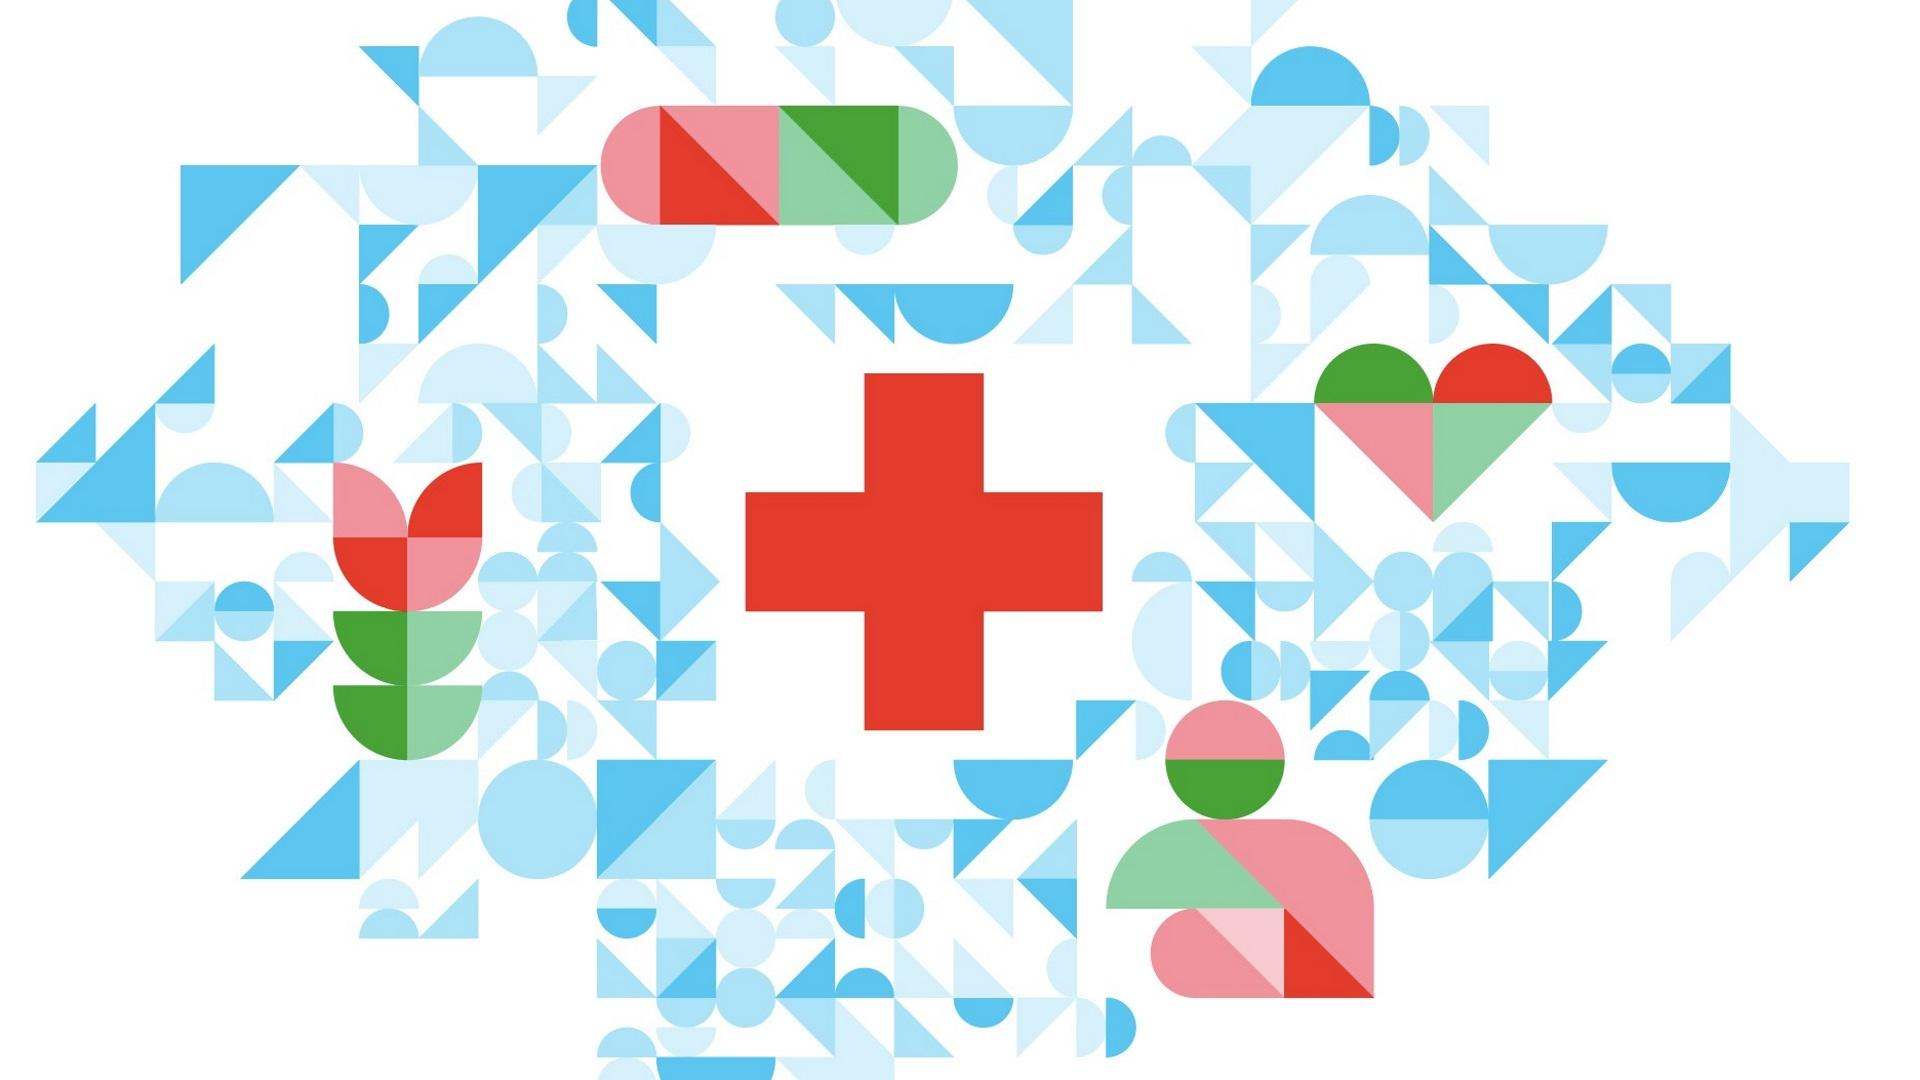 Die Interoperabilität von Gesundheitsdaten führt zu einem klareren Bild vom einzelnen Patienten.